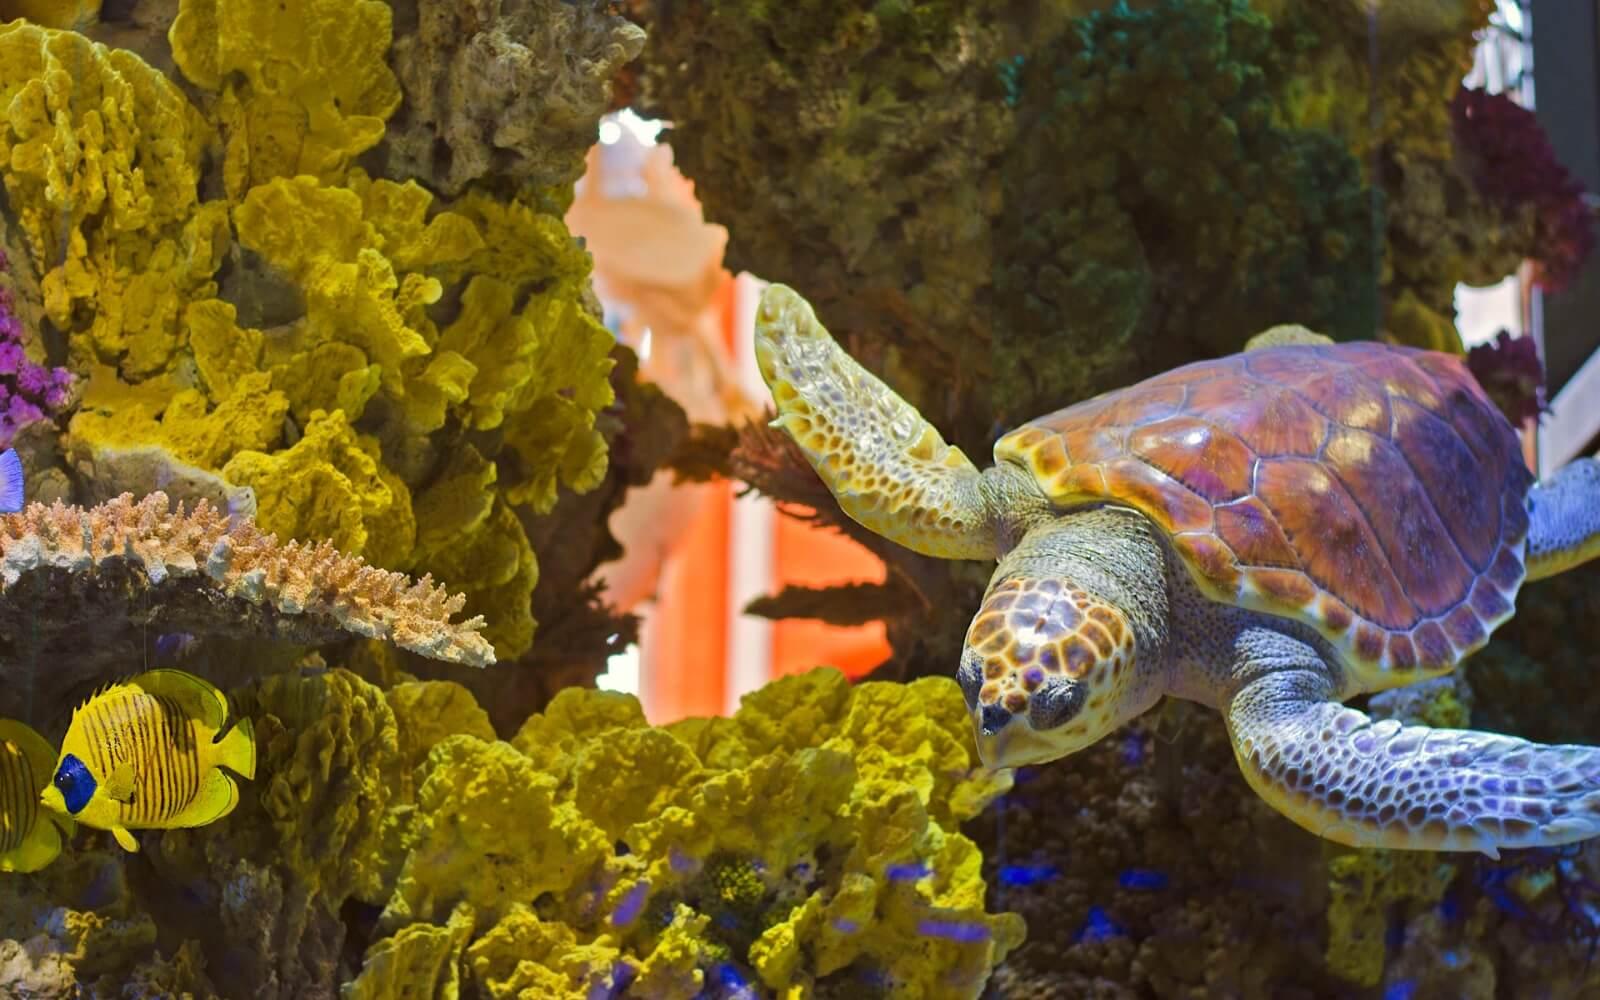 A Green Sea Turtle swims in an Aquarium